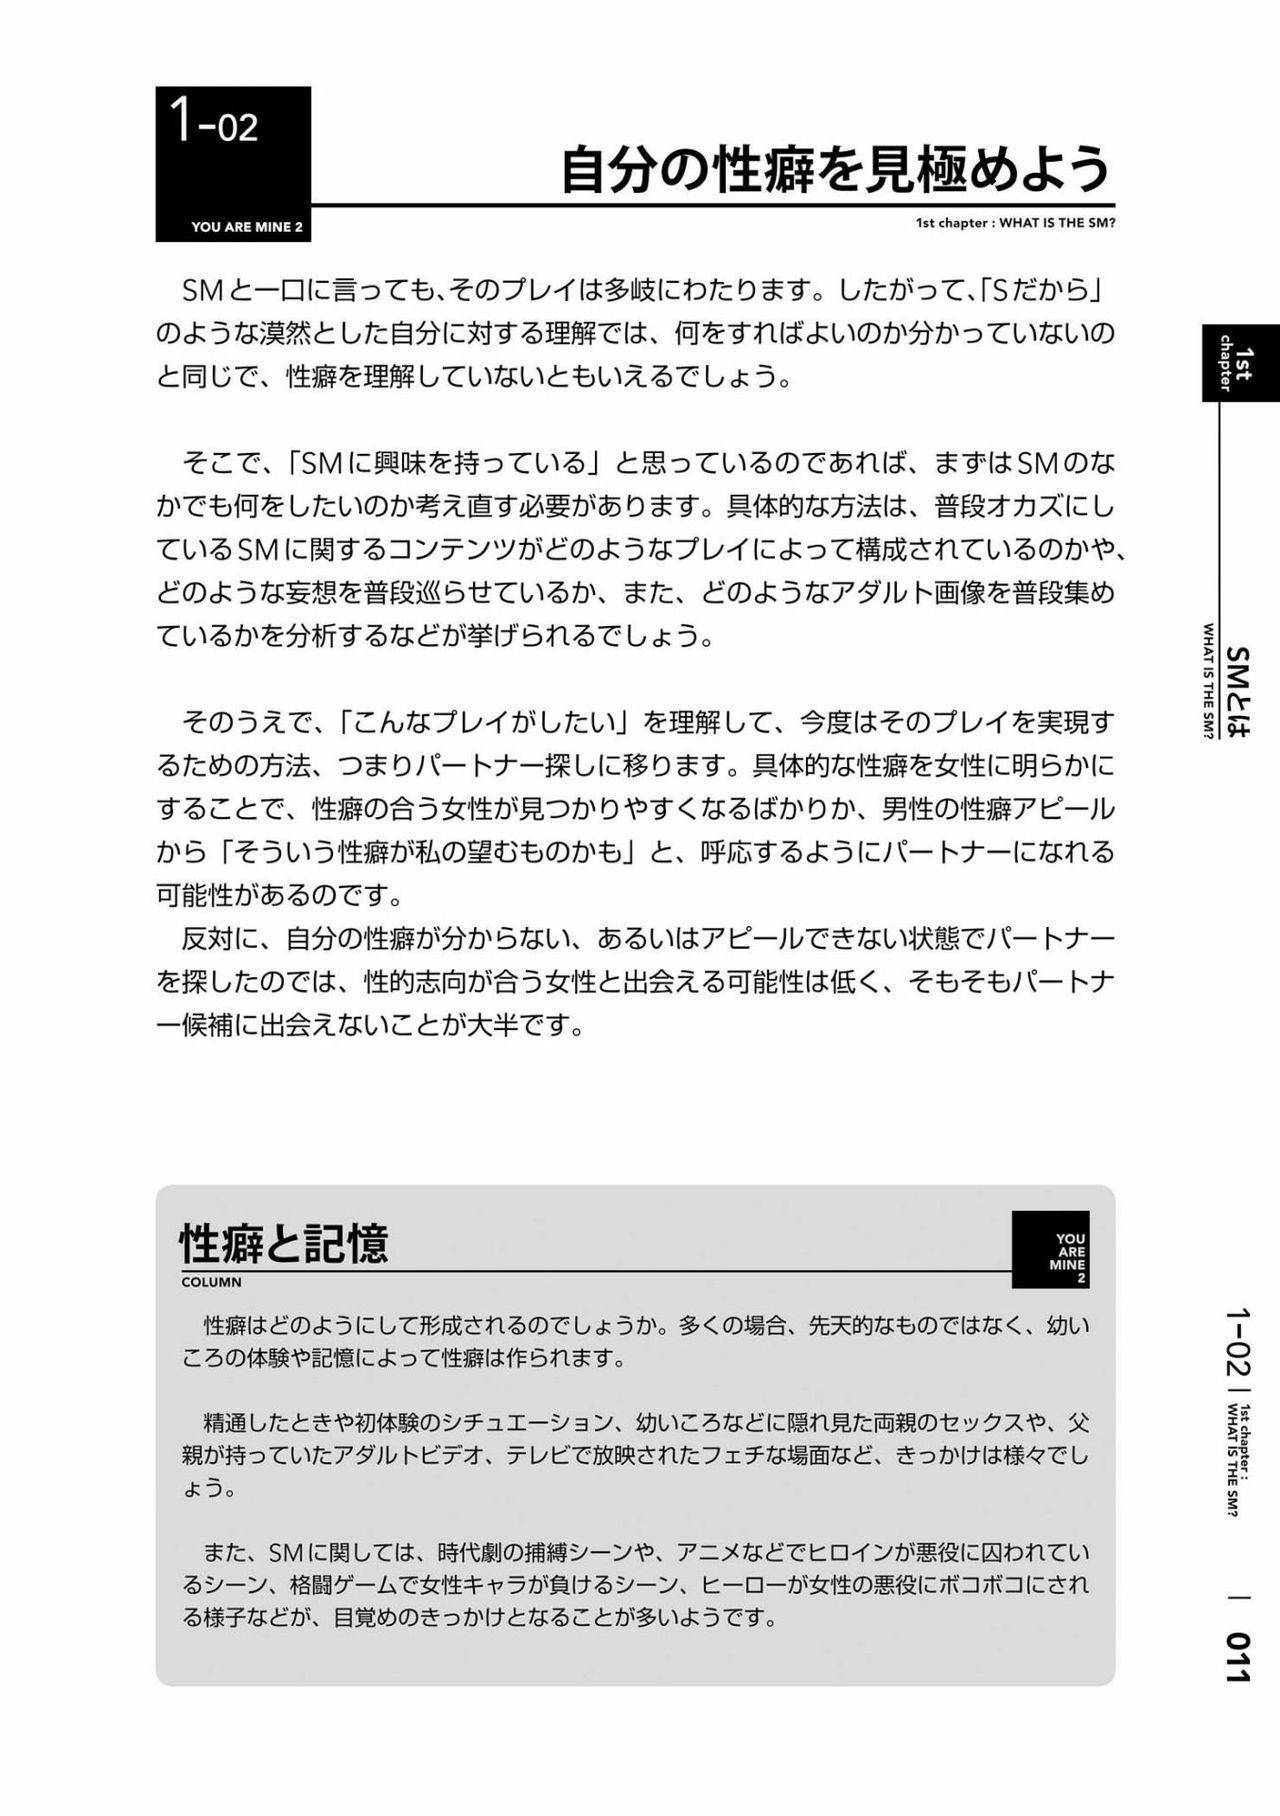 [Mitsuba] Karada mo Kokoro mo Boku no Mono ~Hajimete no SM Guide~ 2 [Digital] 13